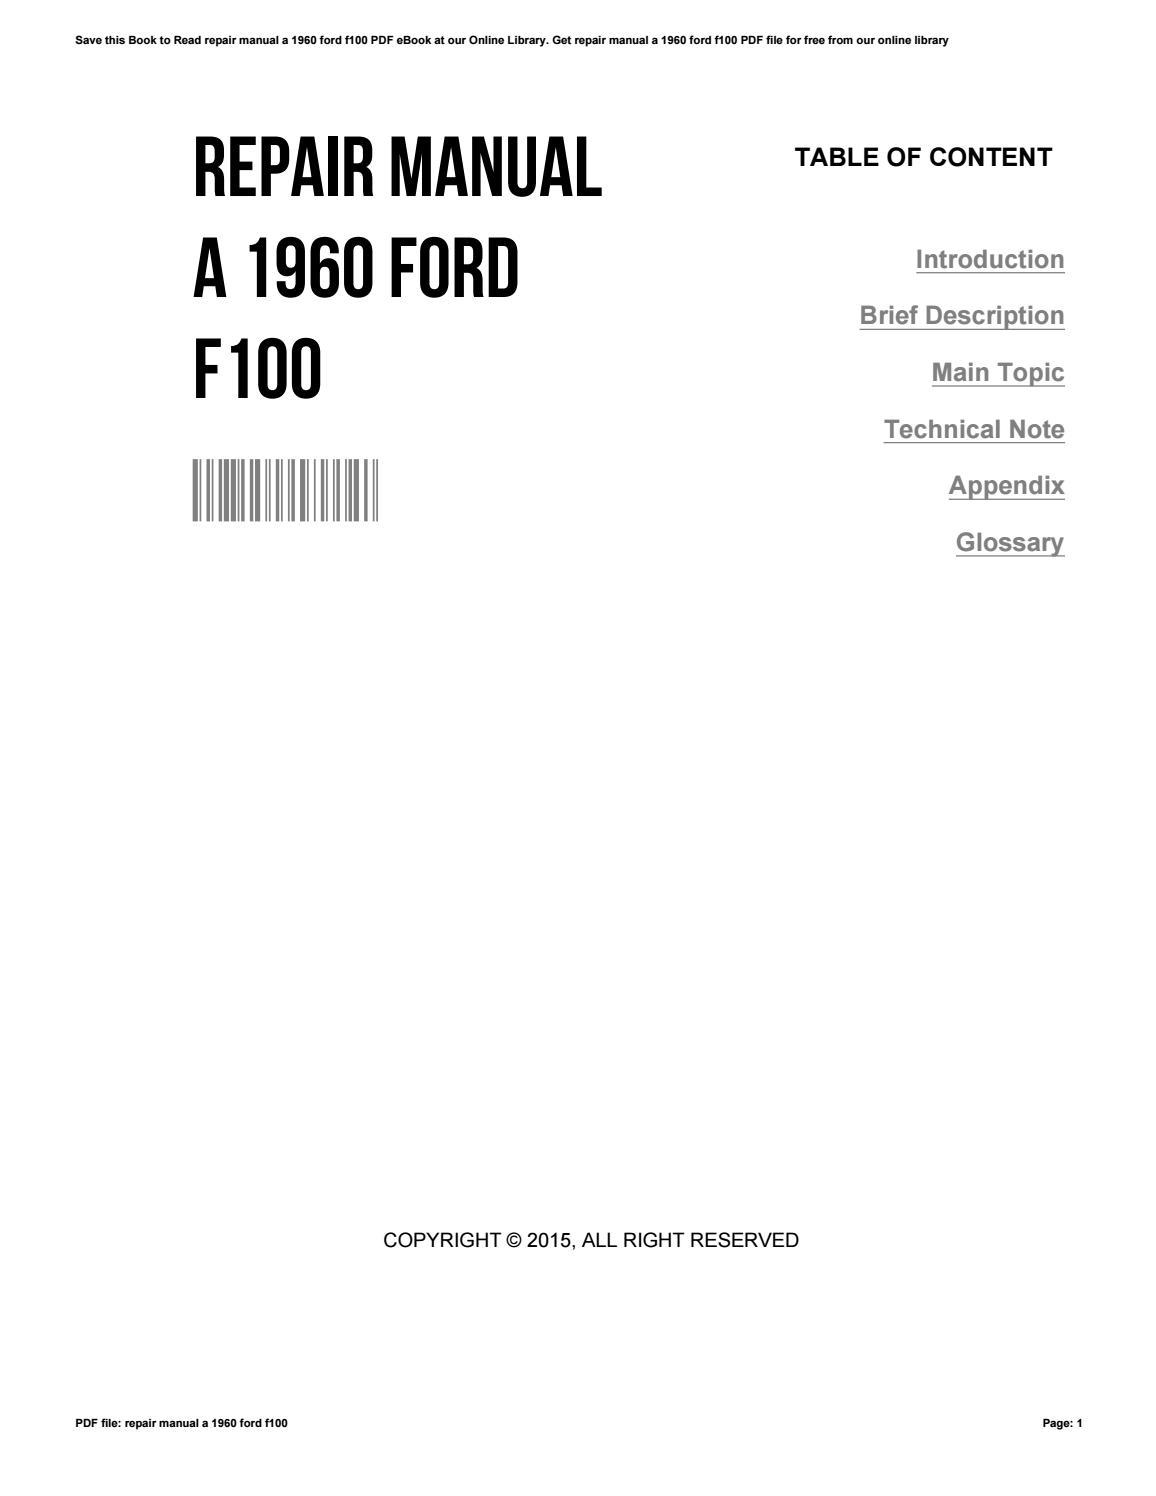 Repair manual a 1960 ford f100 by StephanieCharlebois1459